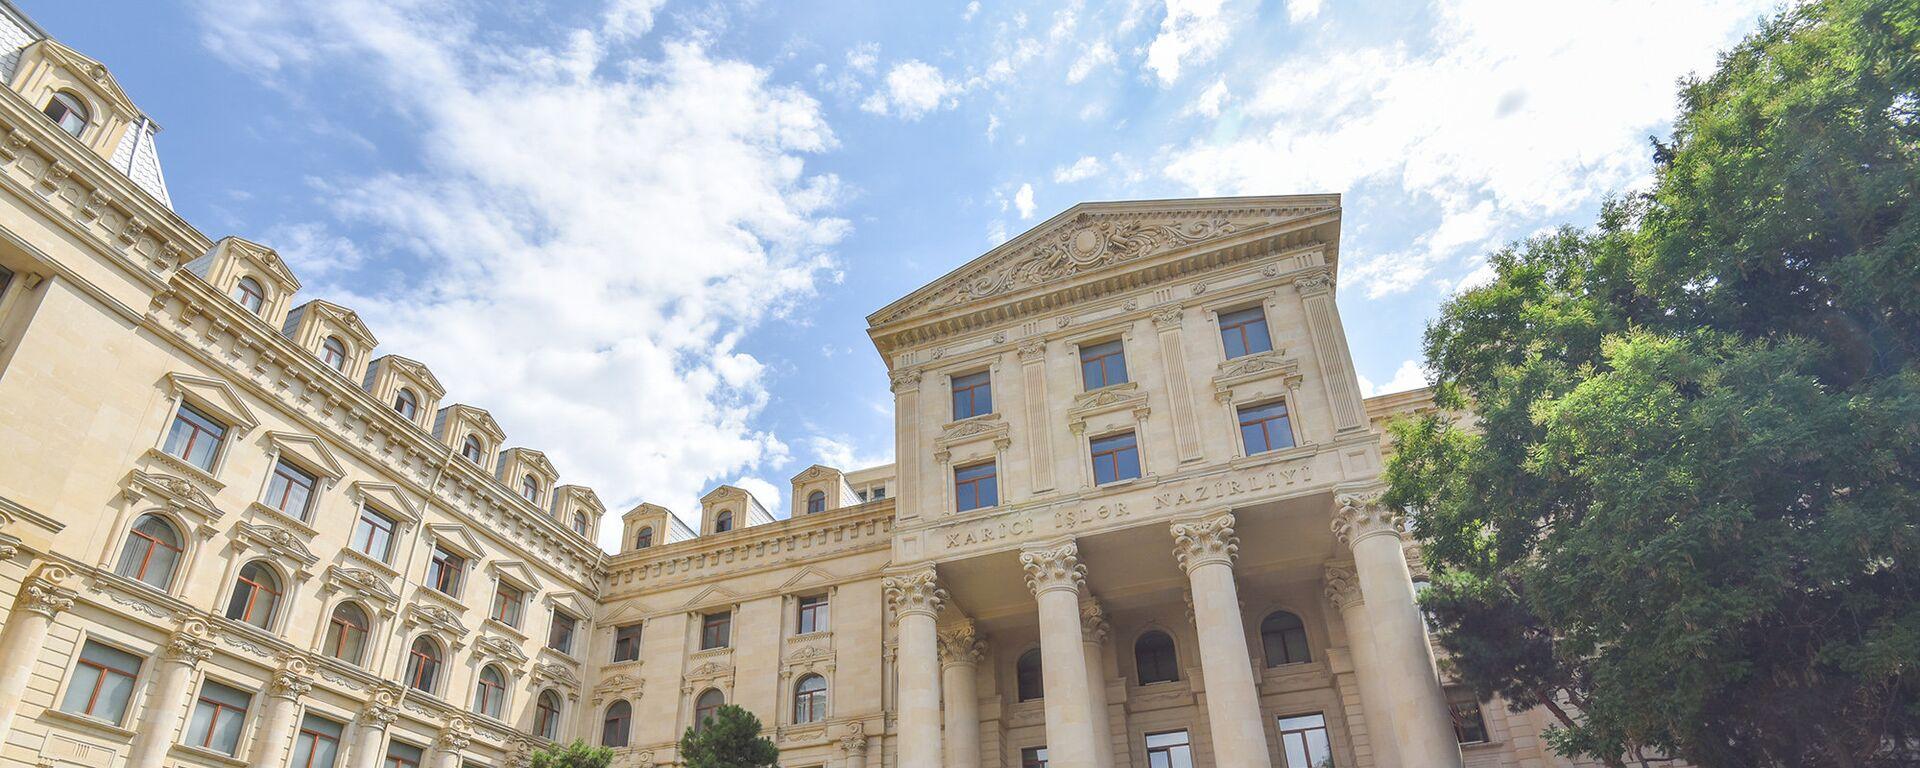 Здание Министерства иностранных дел Азербайджанской Республики в Баку - Sputnik Азербайджан, 1920, 04.10.2021